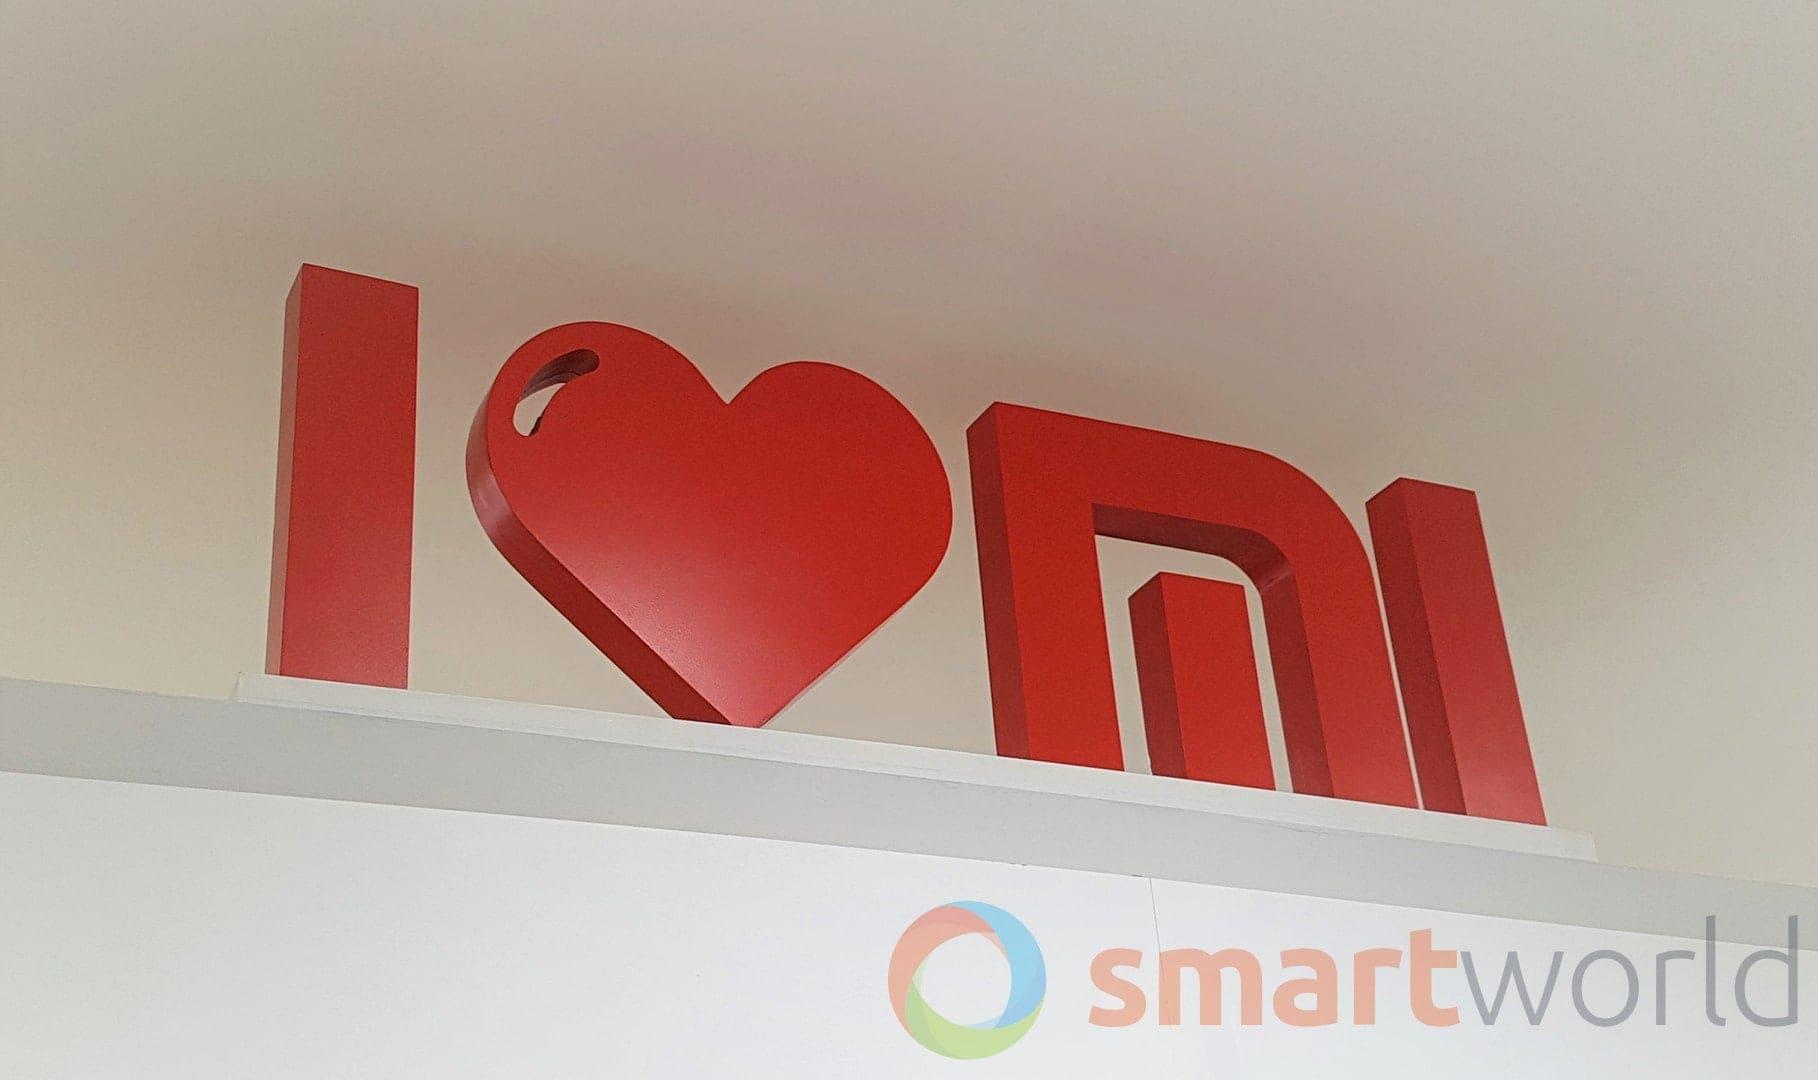 Xiaomi Mi TV Stick ottiene la certificazione e si avvicina al debutto (foto)